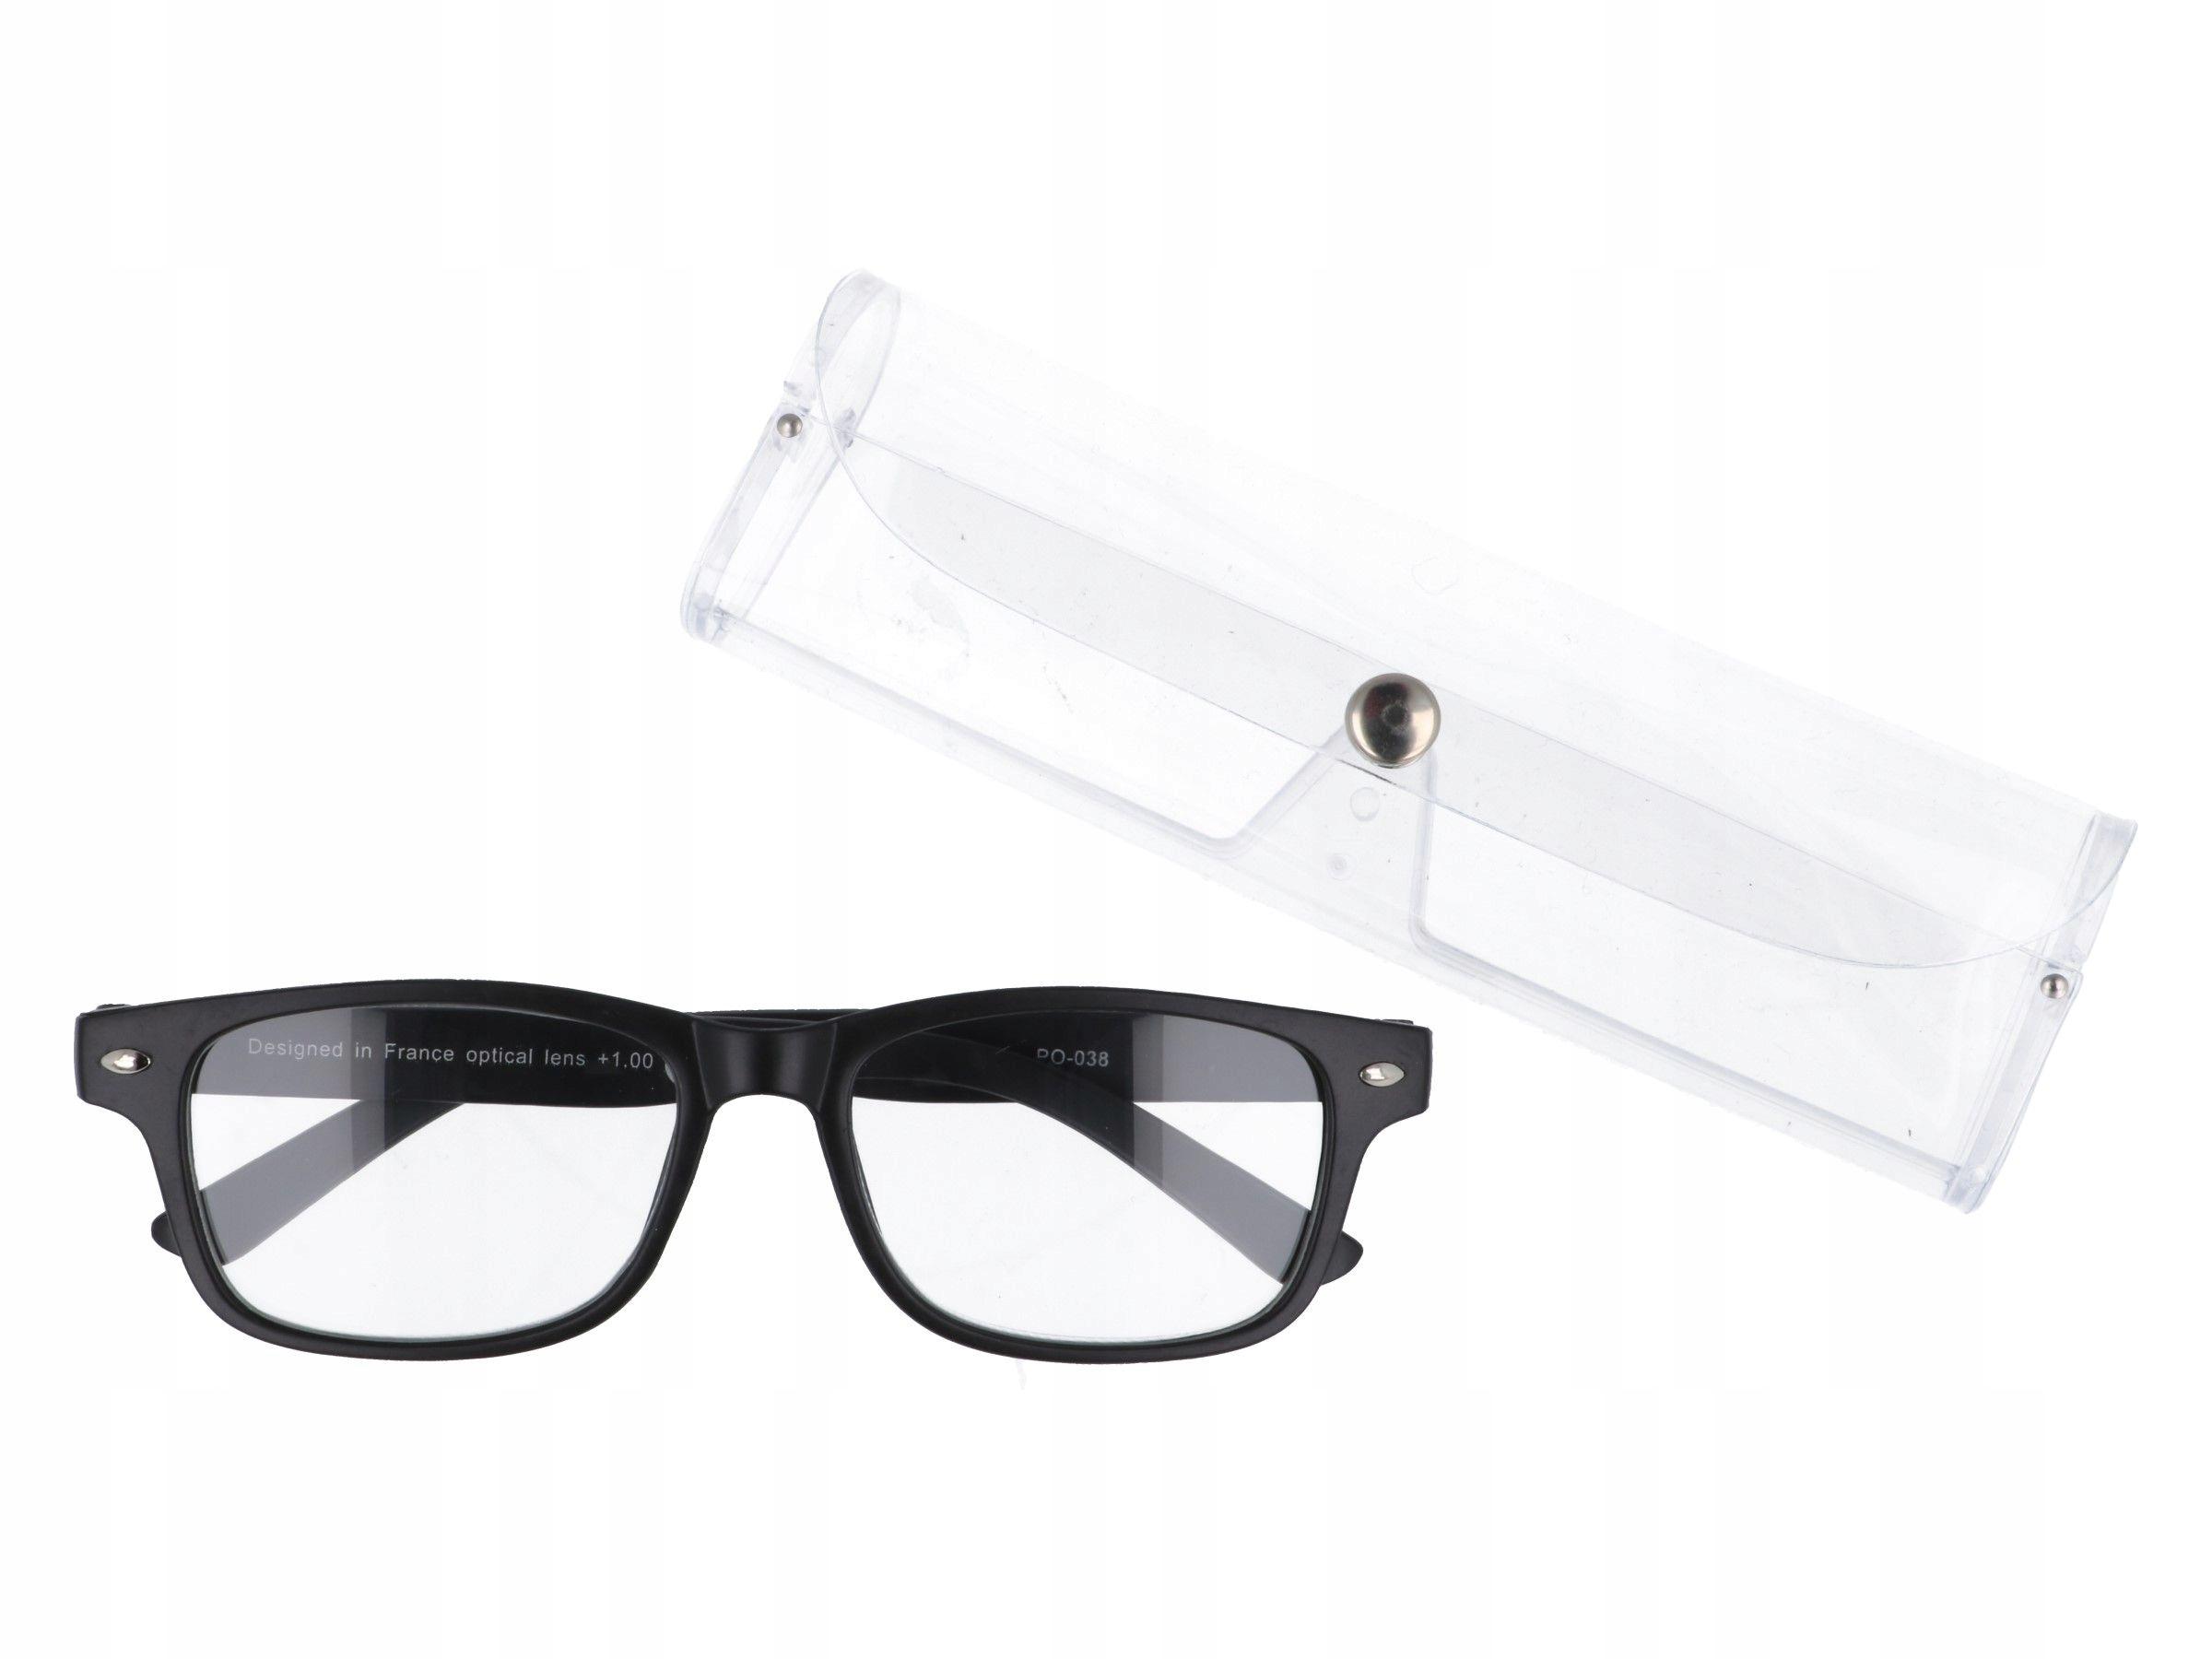 Czarne damskie okulary do czytania plusy +1.50